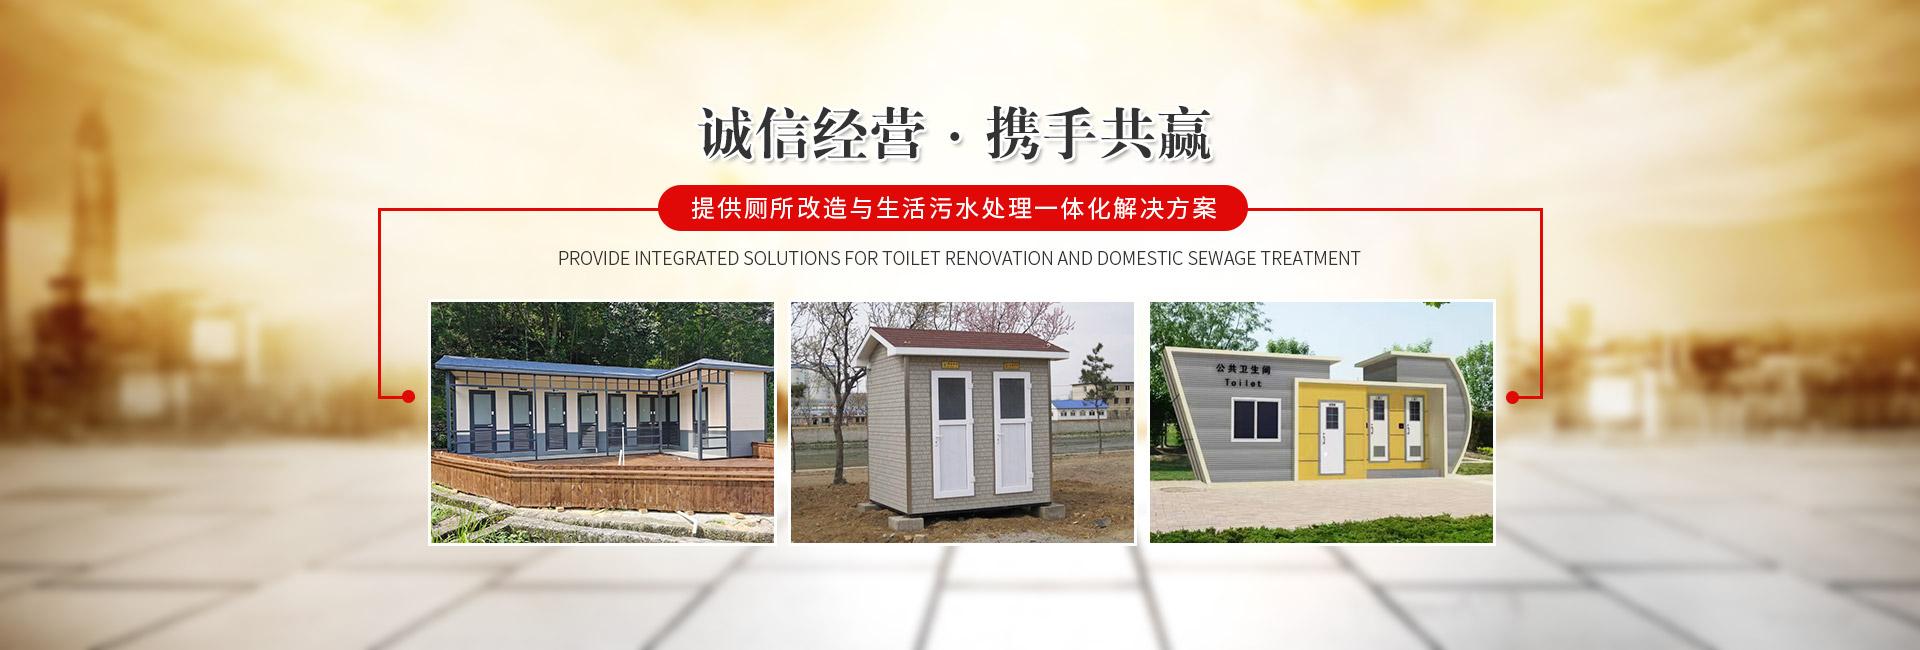 温州鑫丰环保科技有限公司